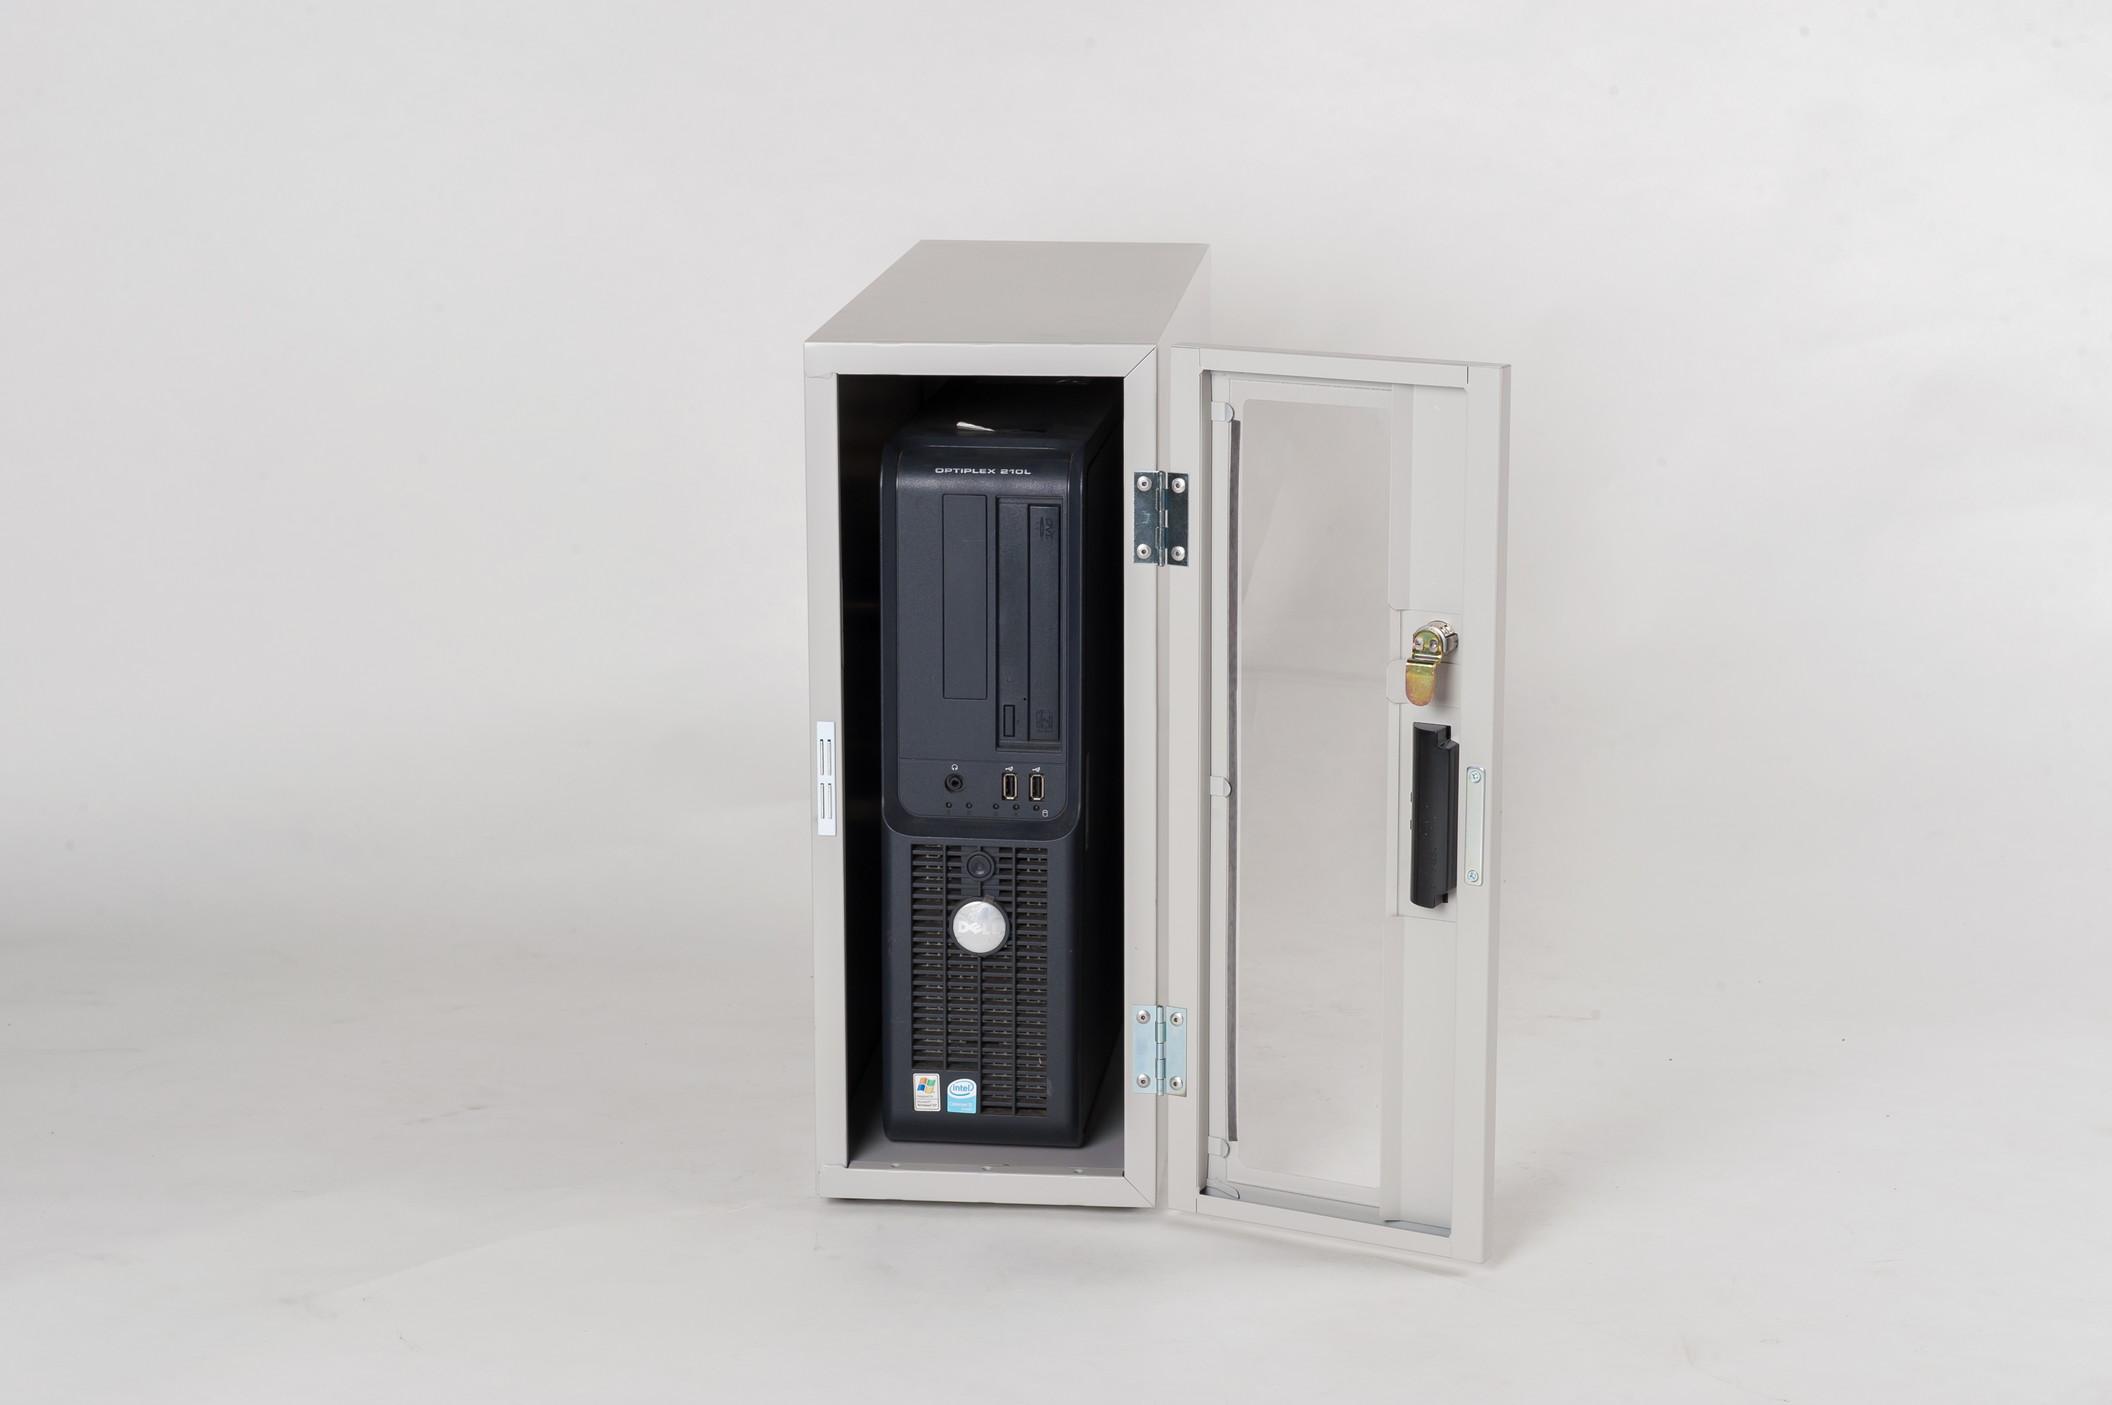 防塵ラック Tidy Box CPU 3UW ライトグレー